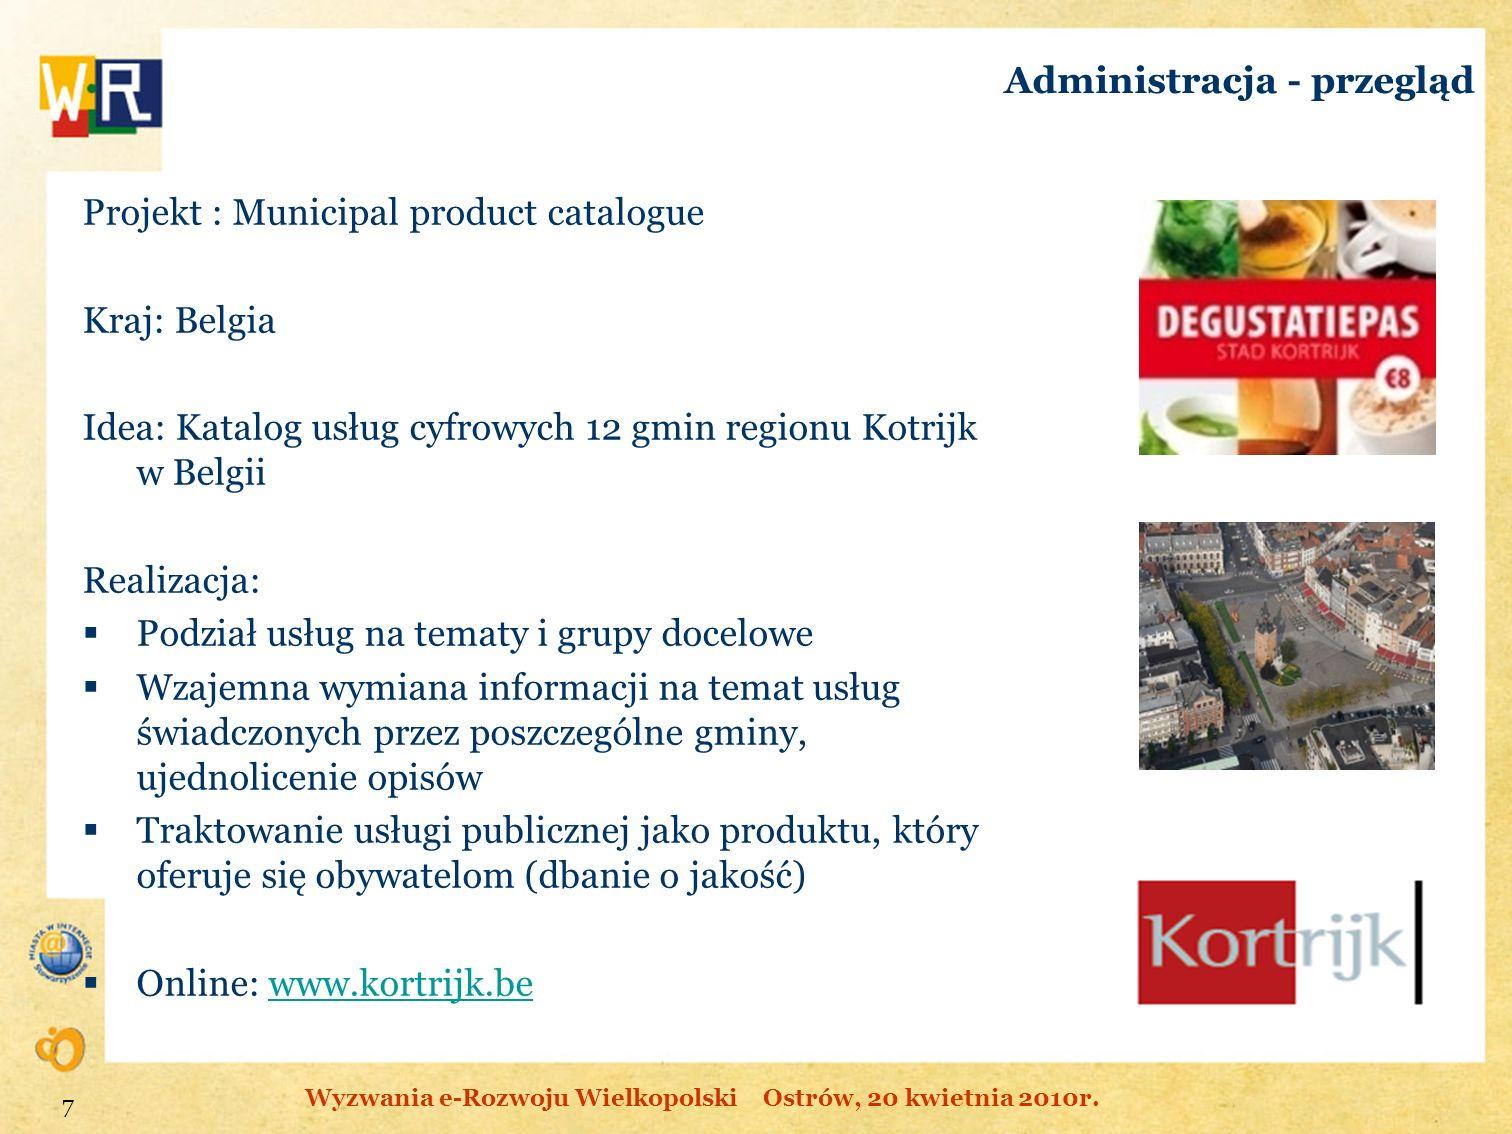 Administracja - przegląd Projekt : Municipal product catalogue Kraj: Belgia Idea: Katalog usług cyfrowych 12 gmin regionu Kotrijk w Belgii Realizacja: